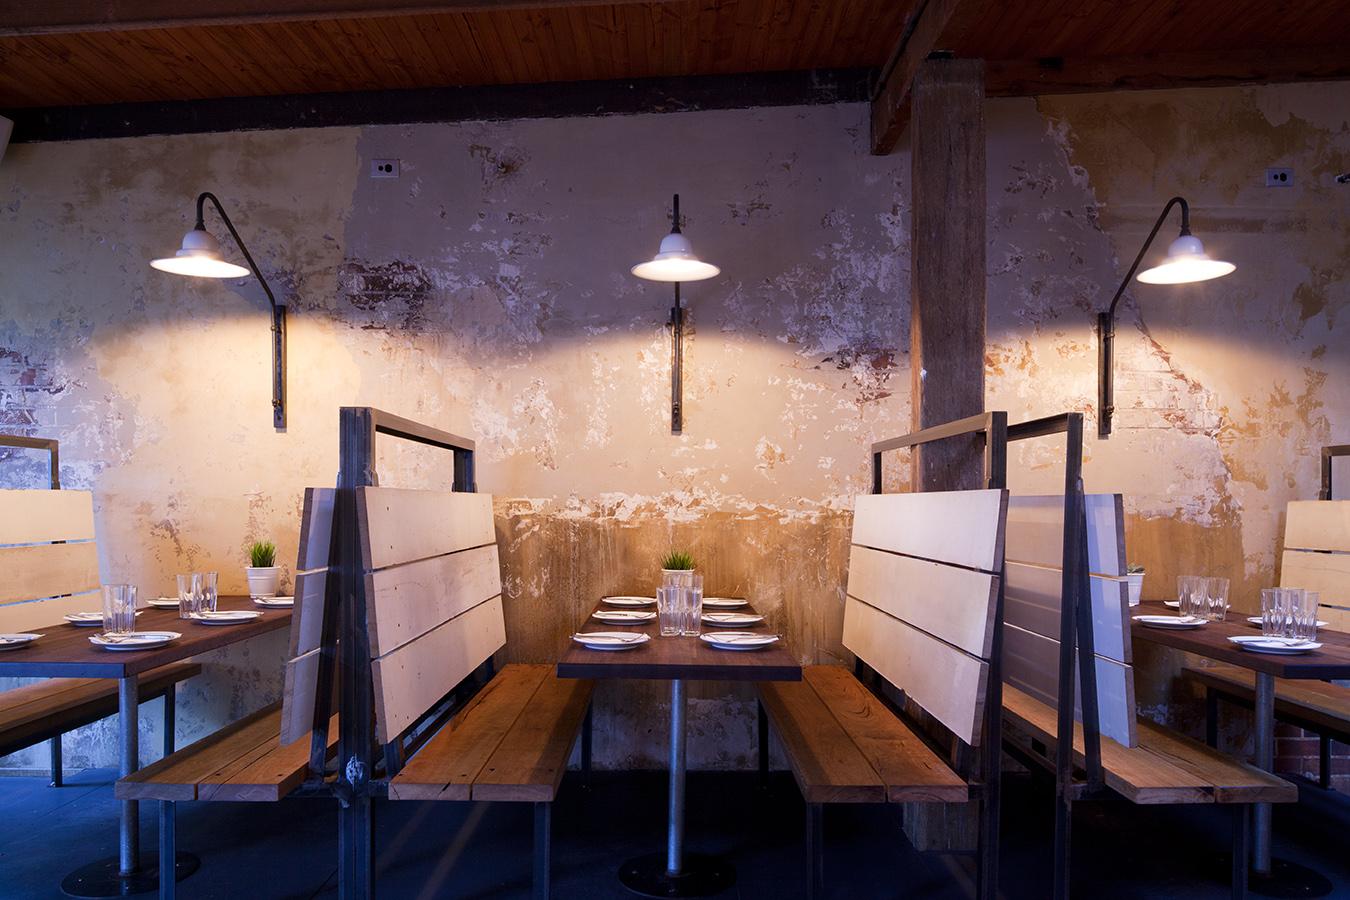 restaurant interiors photography Barrio Chino mandy edge.jpg